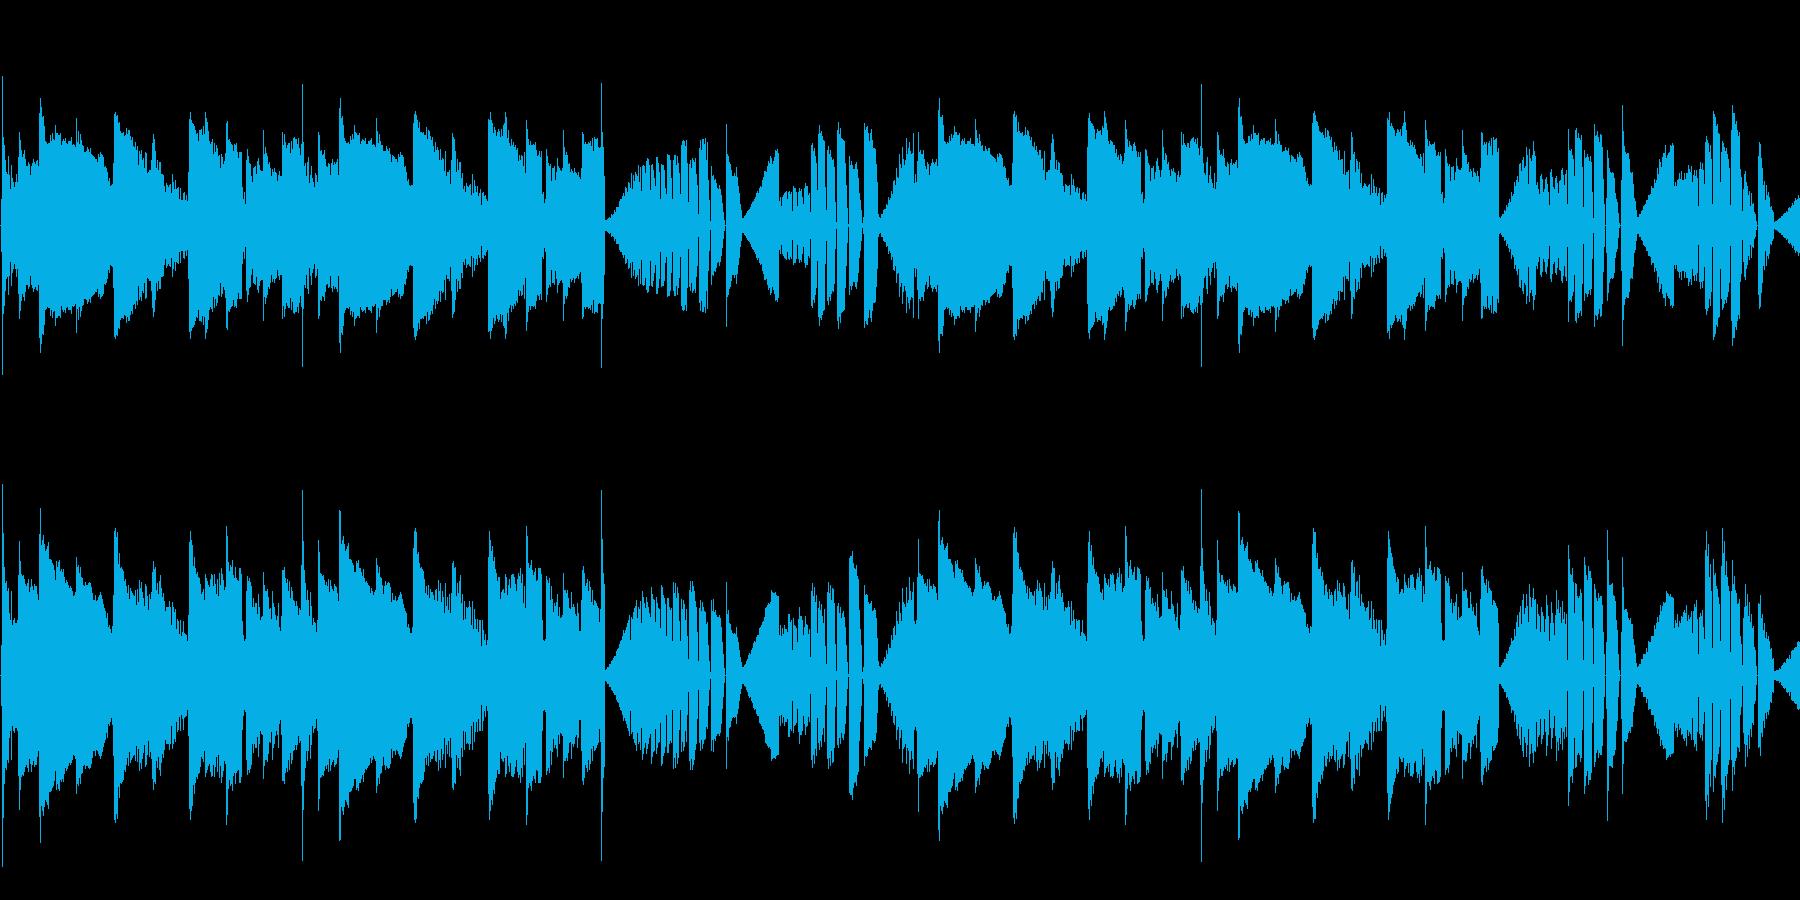 【幻想的/不思議/アジア/ドキュメント】の再生済みの波形